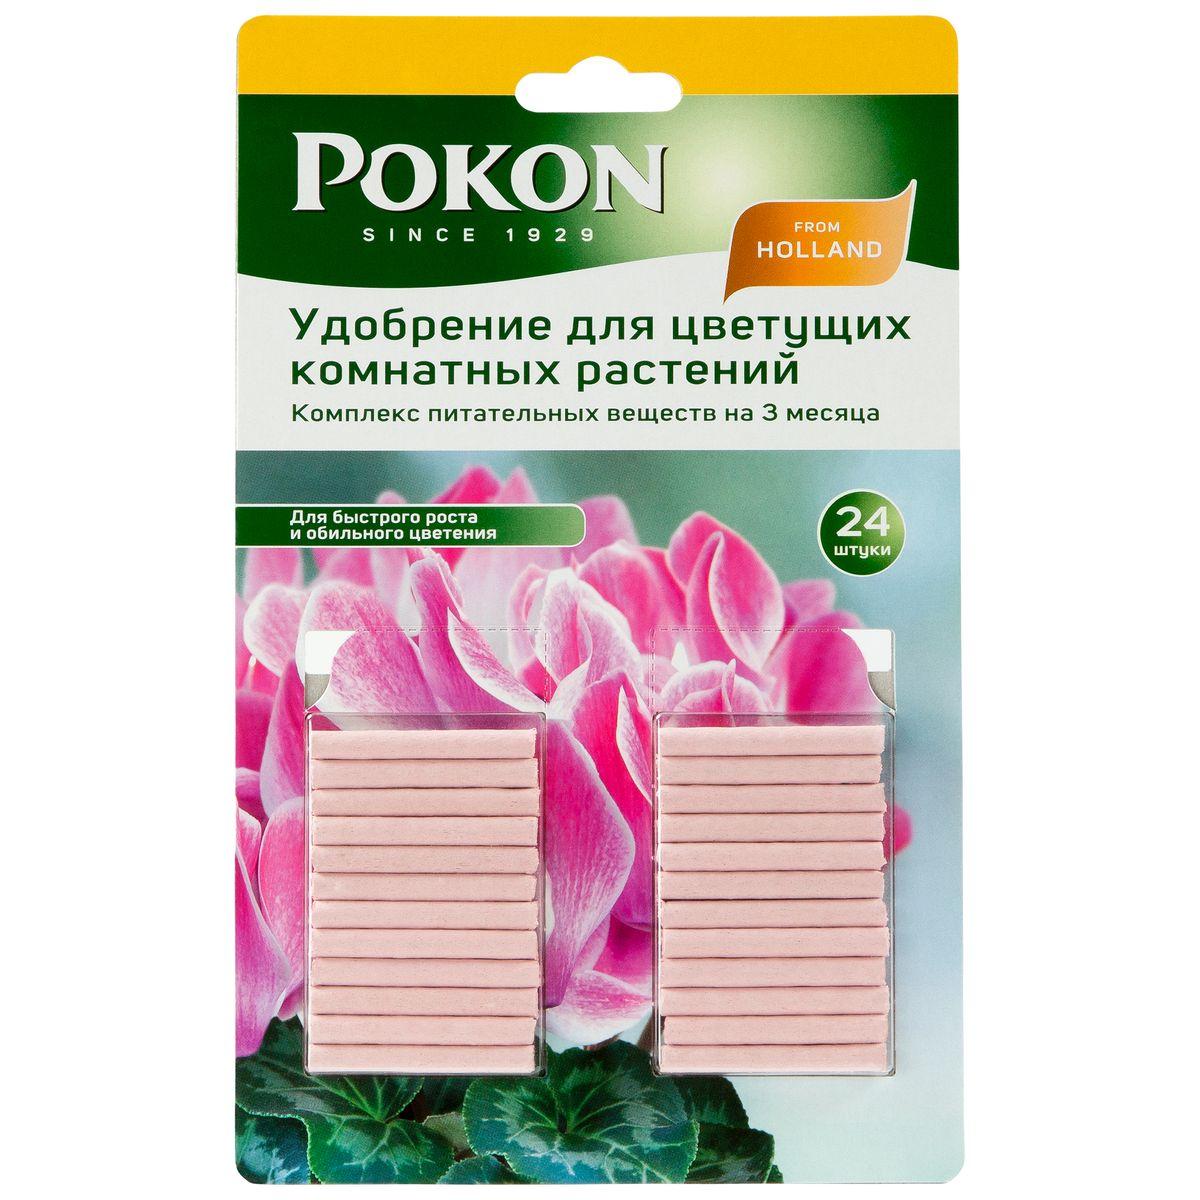 Удобрение Pokon, в палочках, для цветущих растений, 24 шт8711969016033Удобрение в палочках Pokon содержит тщательно подобранныепитательные вещества, сбалансированные для подкормки всех видов цветущих растений. Эта высококачественная смесь исключает риск корневых ожогов.Инструкция по применению:- Измерьте диаметр горшка с растением и определите нужное количество палочек по прилагаемой таблице.- Полностью воткните палочки в грунт, равномерно распределив их вокруг растения.- Полейте грунт, и удобрение немедленно начнет действовать.- Добавляйте новые палочки каждые три месяца.Состав:8% - общее содержание азота (N);1% - нитратный азот;0,5% - аммонийный азот;6,5% - мочевинный формальдегид;10% - безводная фосфорная кислота (P2O5), растворимая в нейтральном цитрате аммония и воде;14% - водорастворимый оксид калия (K2O).Товар сертифицирован.